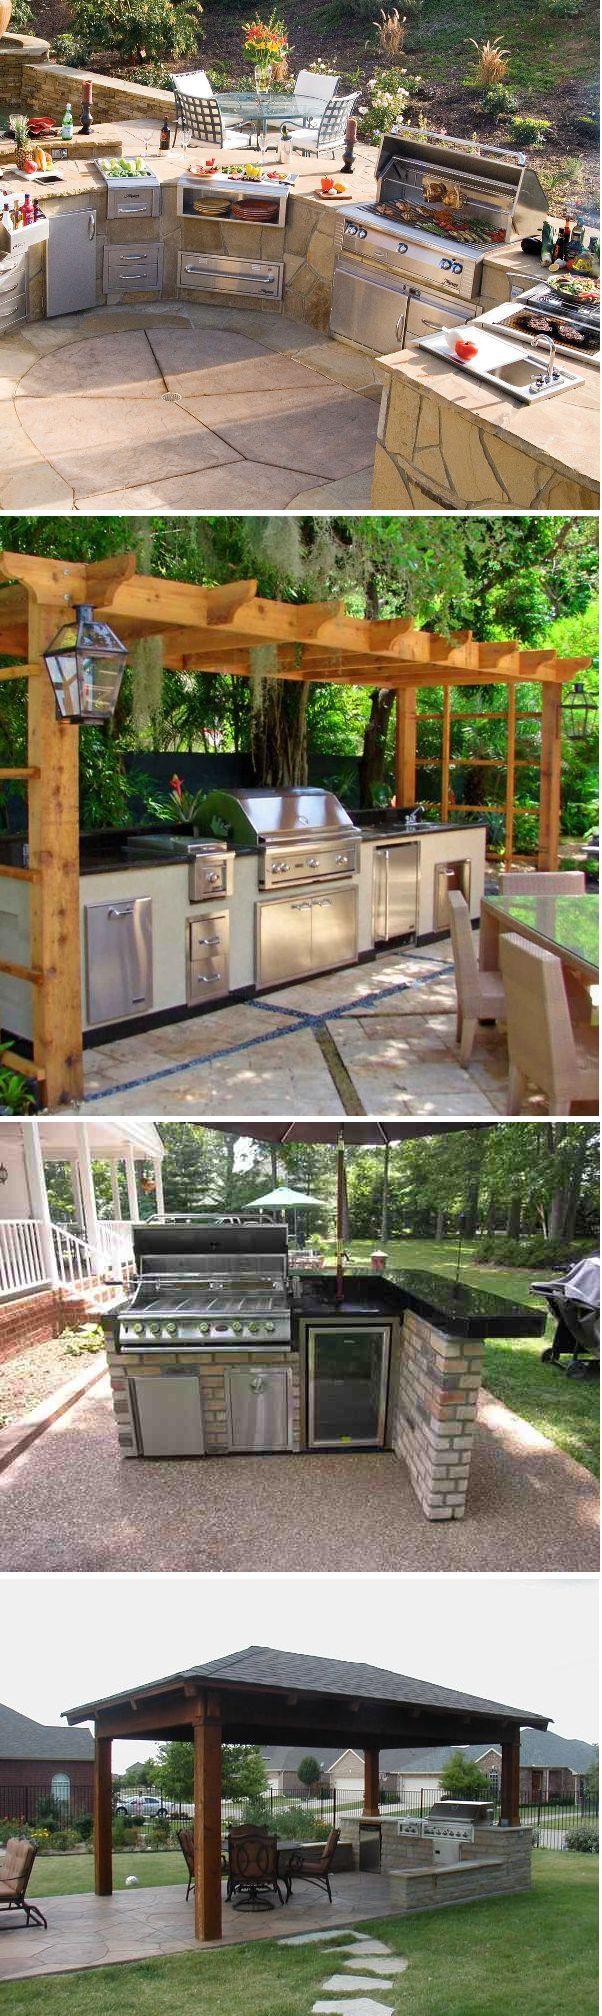 Diy outdoor kitchen kits   best Outdoor Ideas images on Pinterest  Outdoor rooms Outdoor